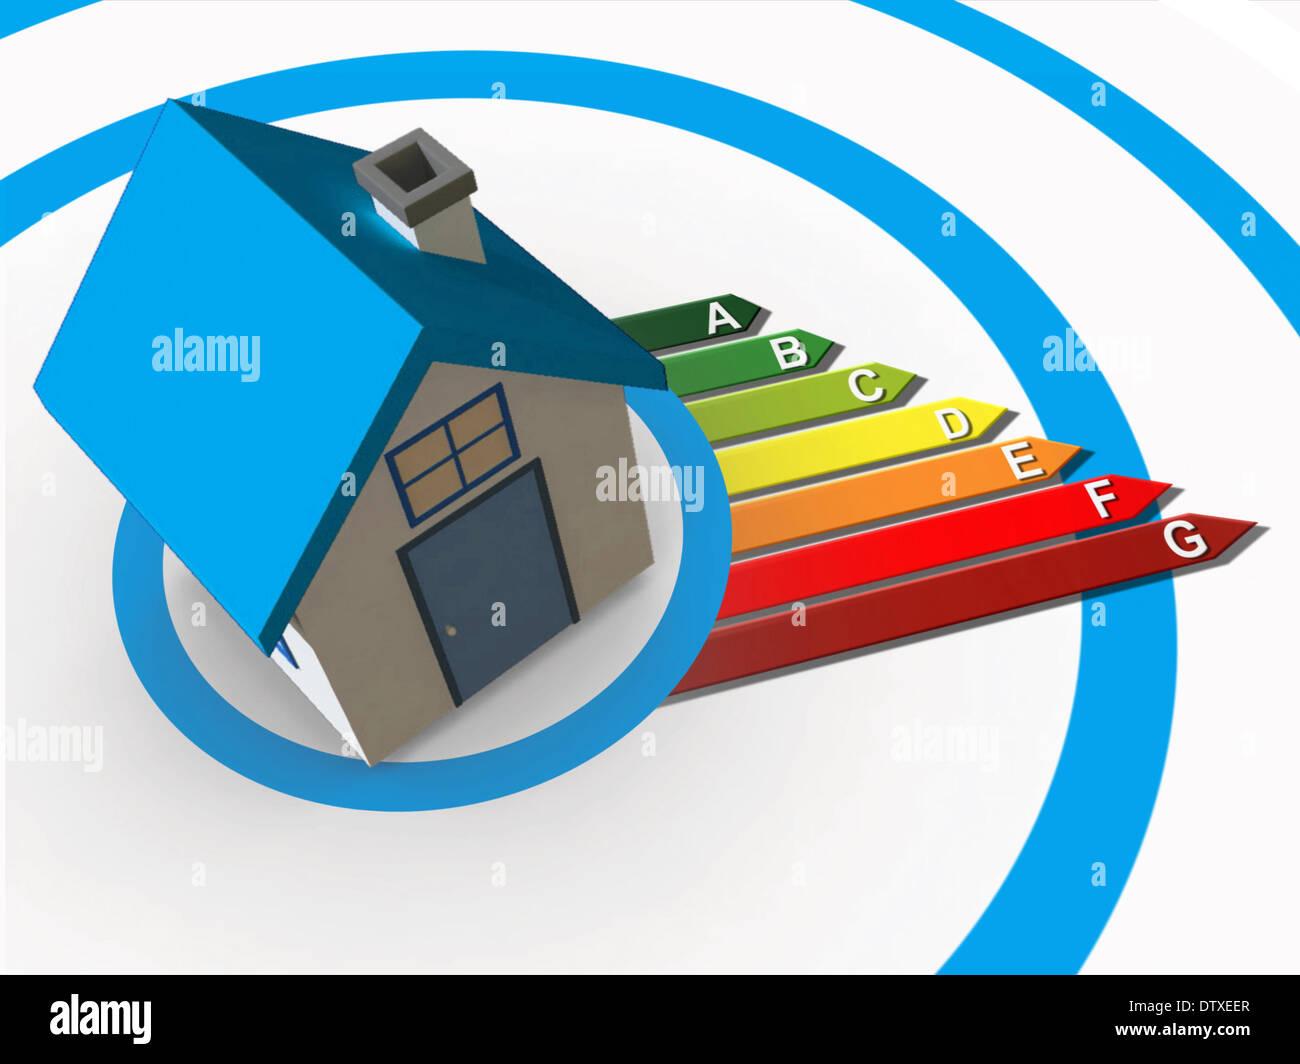 Haus Mit Sanitär Vakuum - greenwashing.us - Home Design Ideen und Bilder